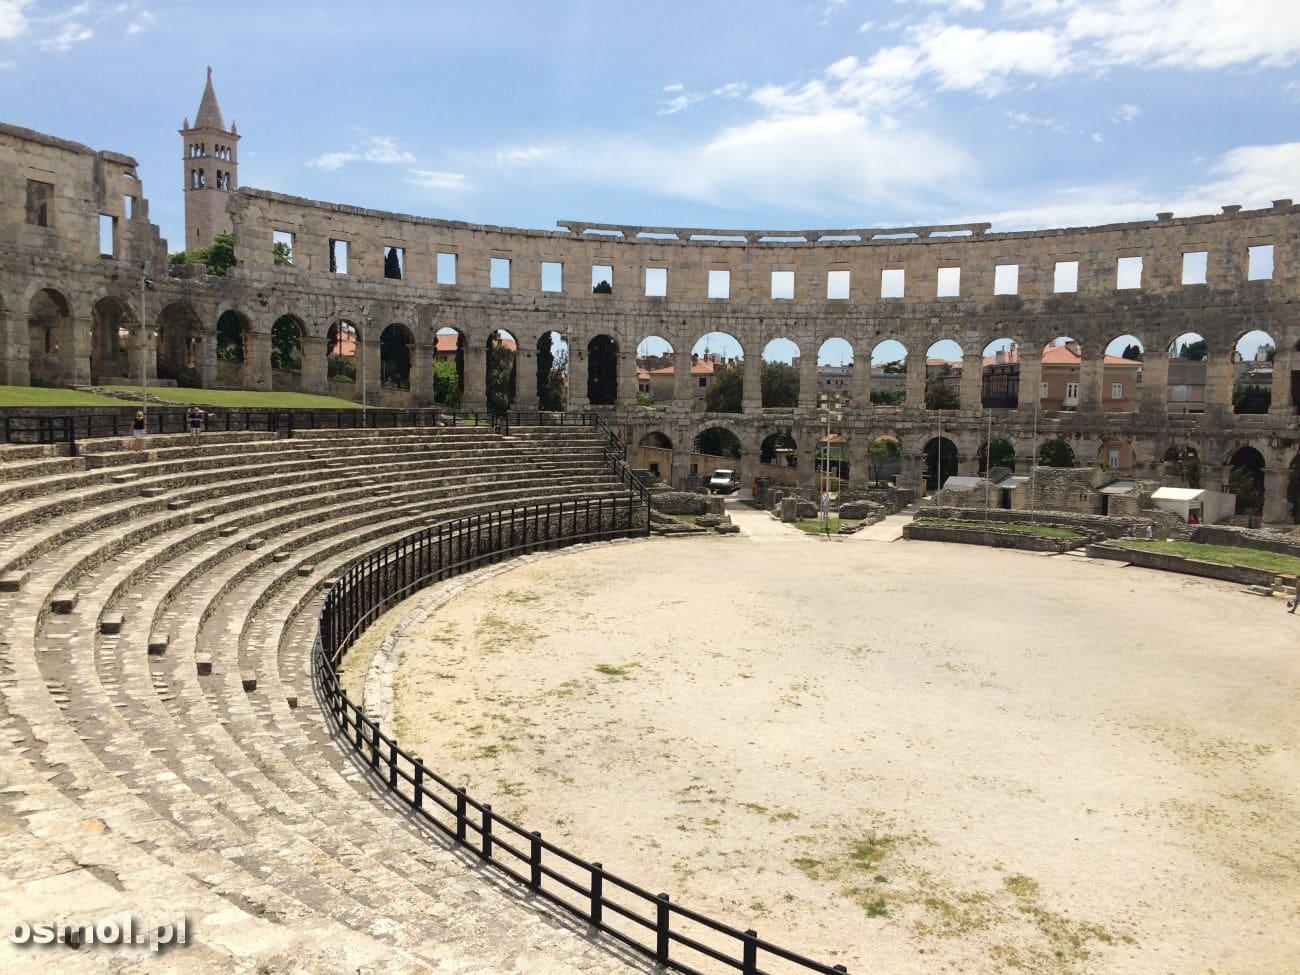 Arena amfiteatru w Puli